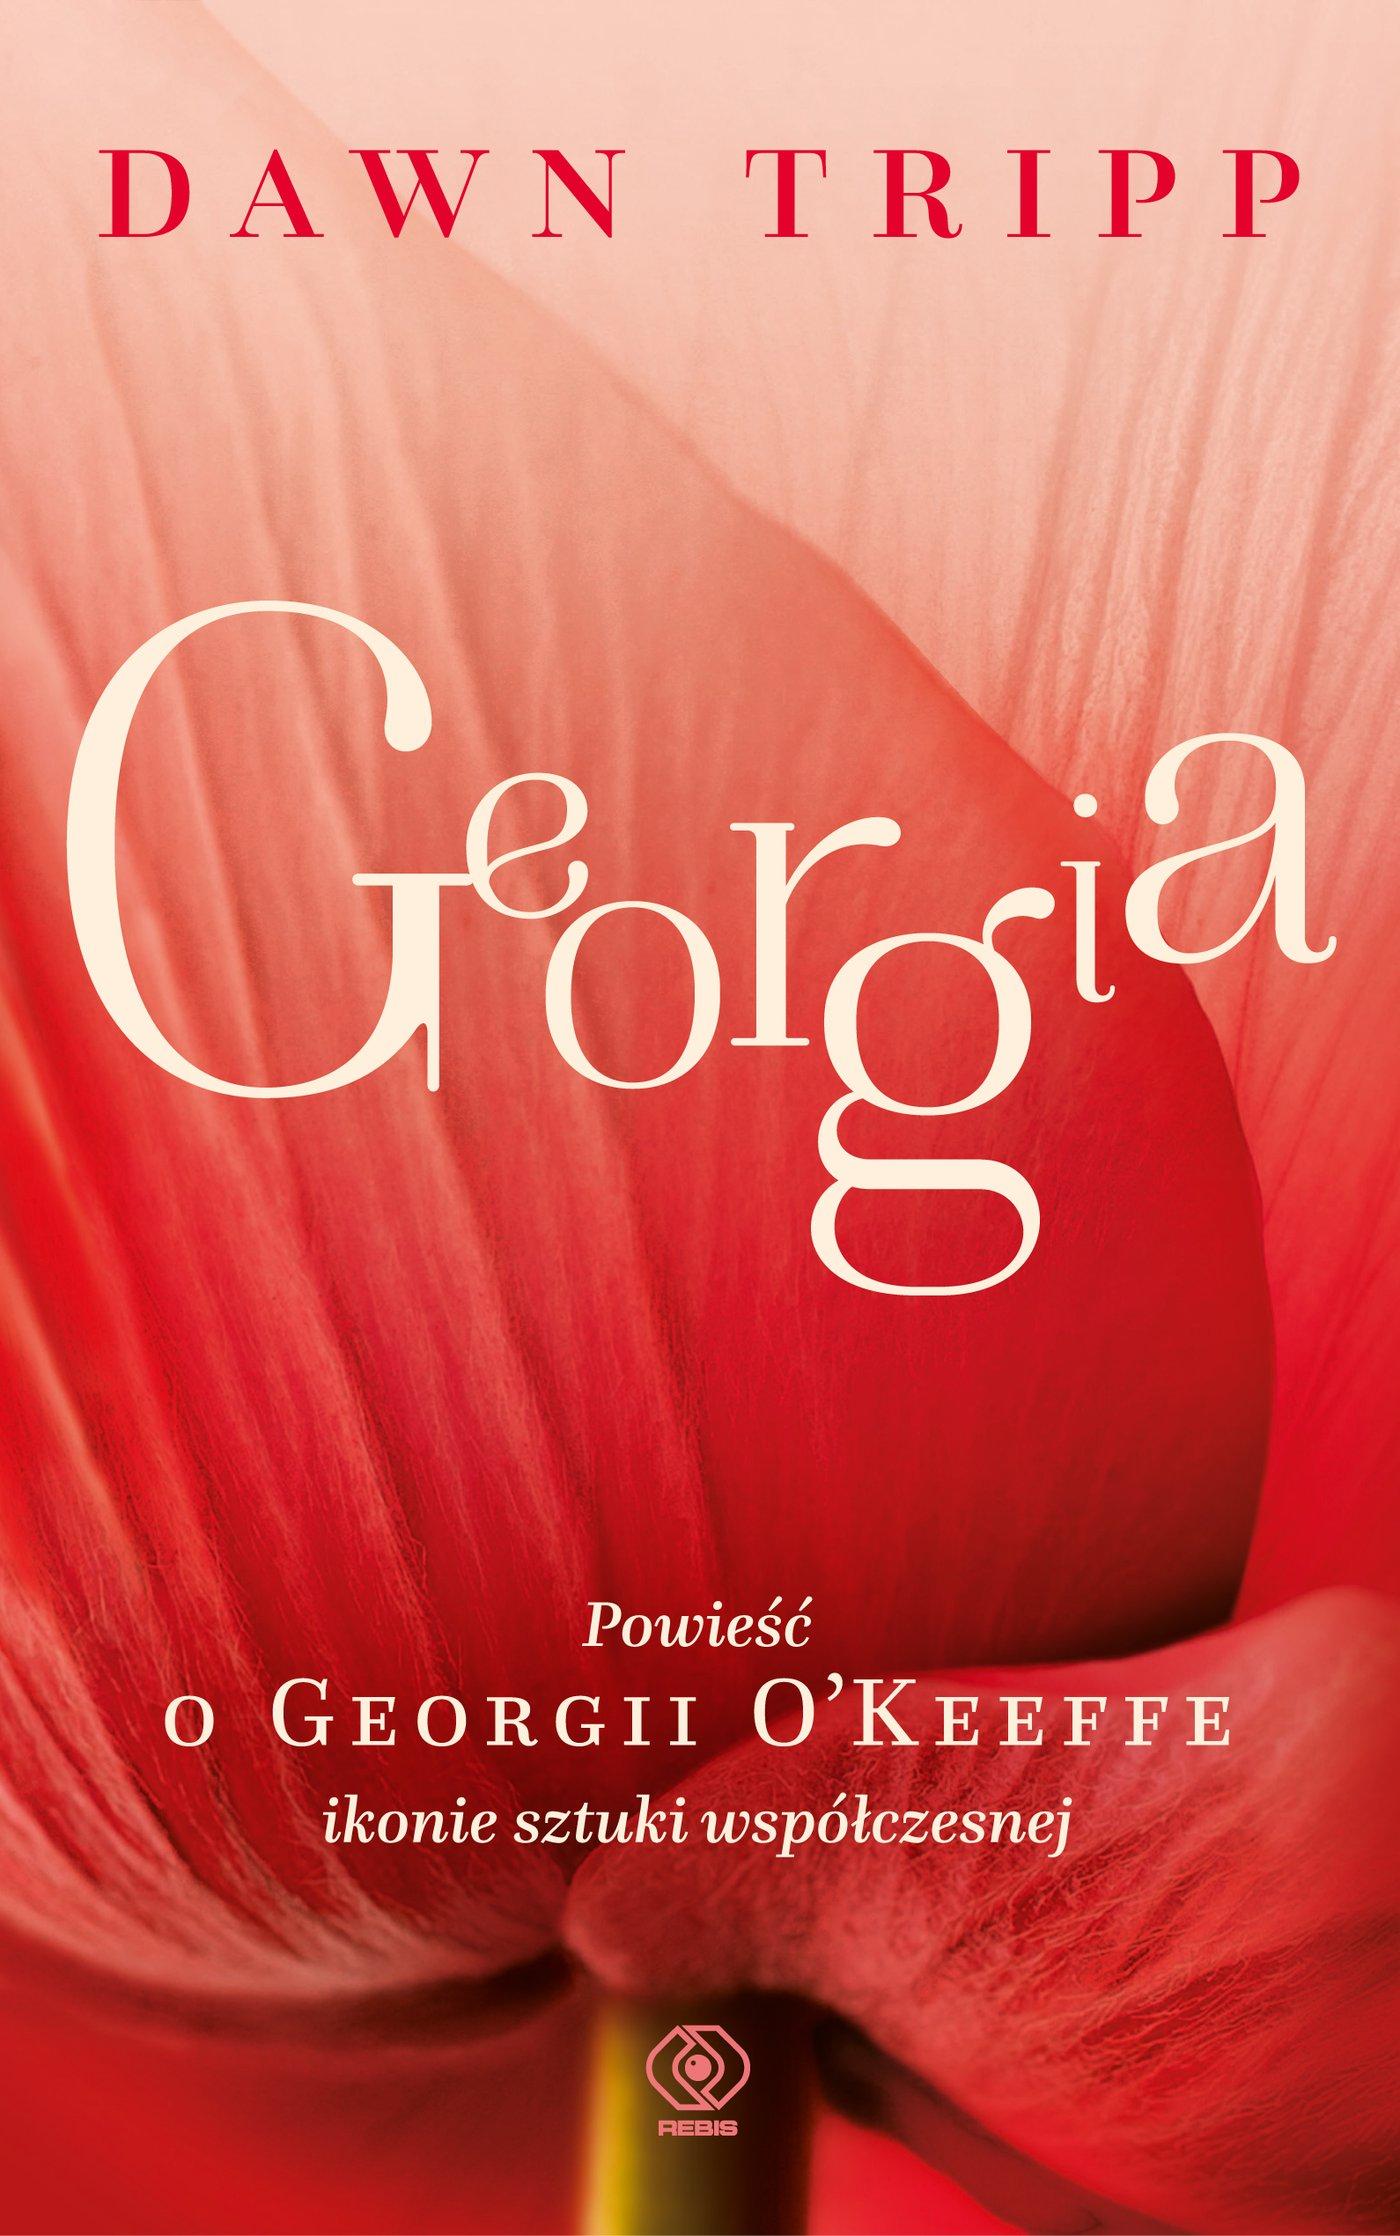 Georgia. Powieść o Georgii O'Keeffe - Ebook (Książka EPUB) do pobrania w formacie EPUB